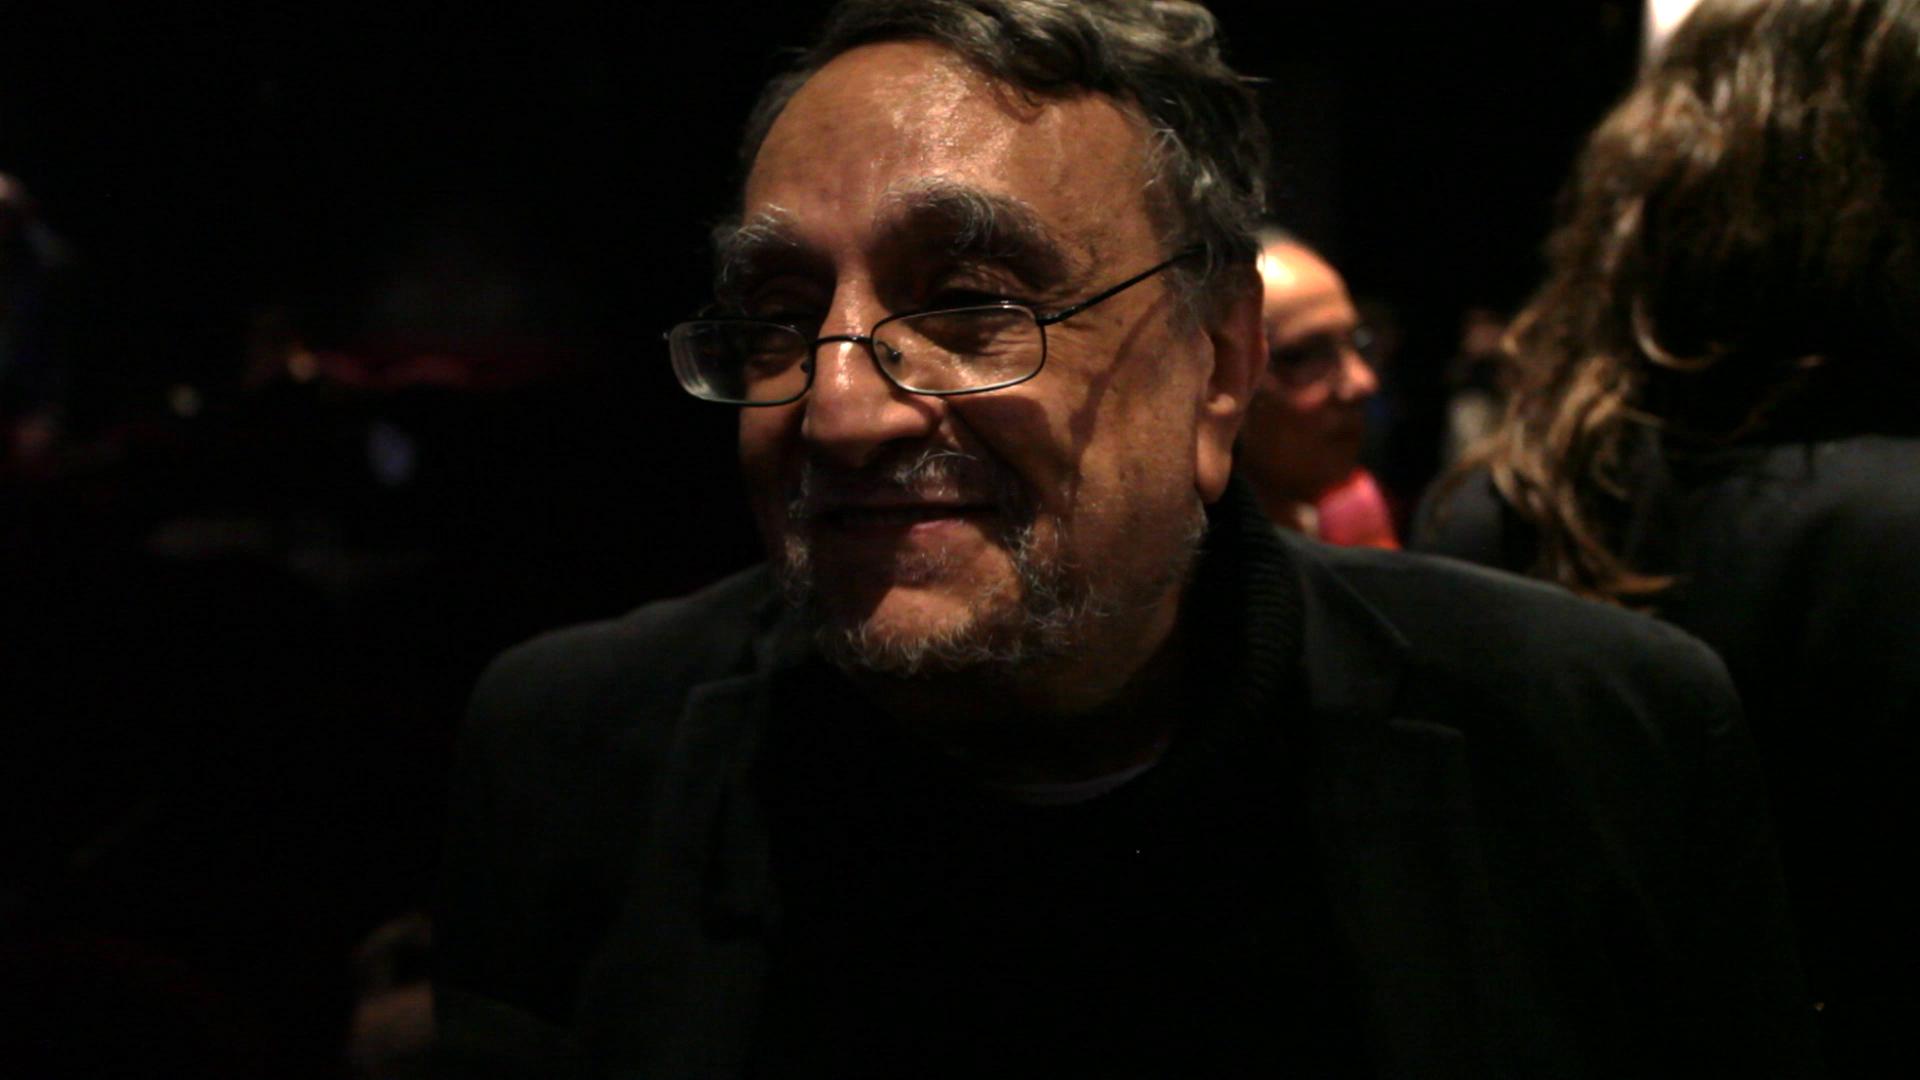 Soirée Midi-Minuit Fantastique, le 21 octobre, au Champo avec Bernard Chaouat